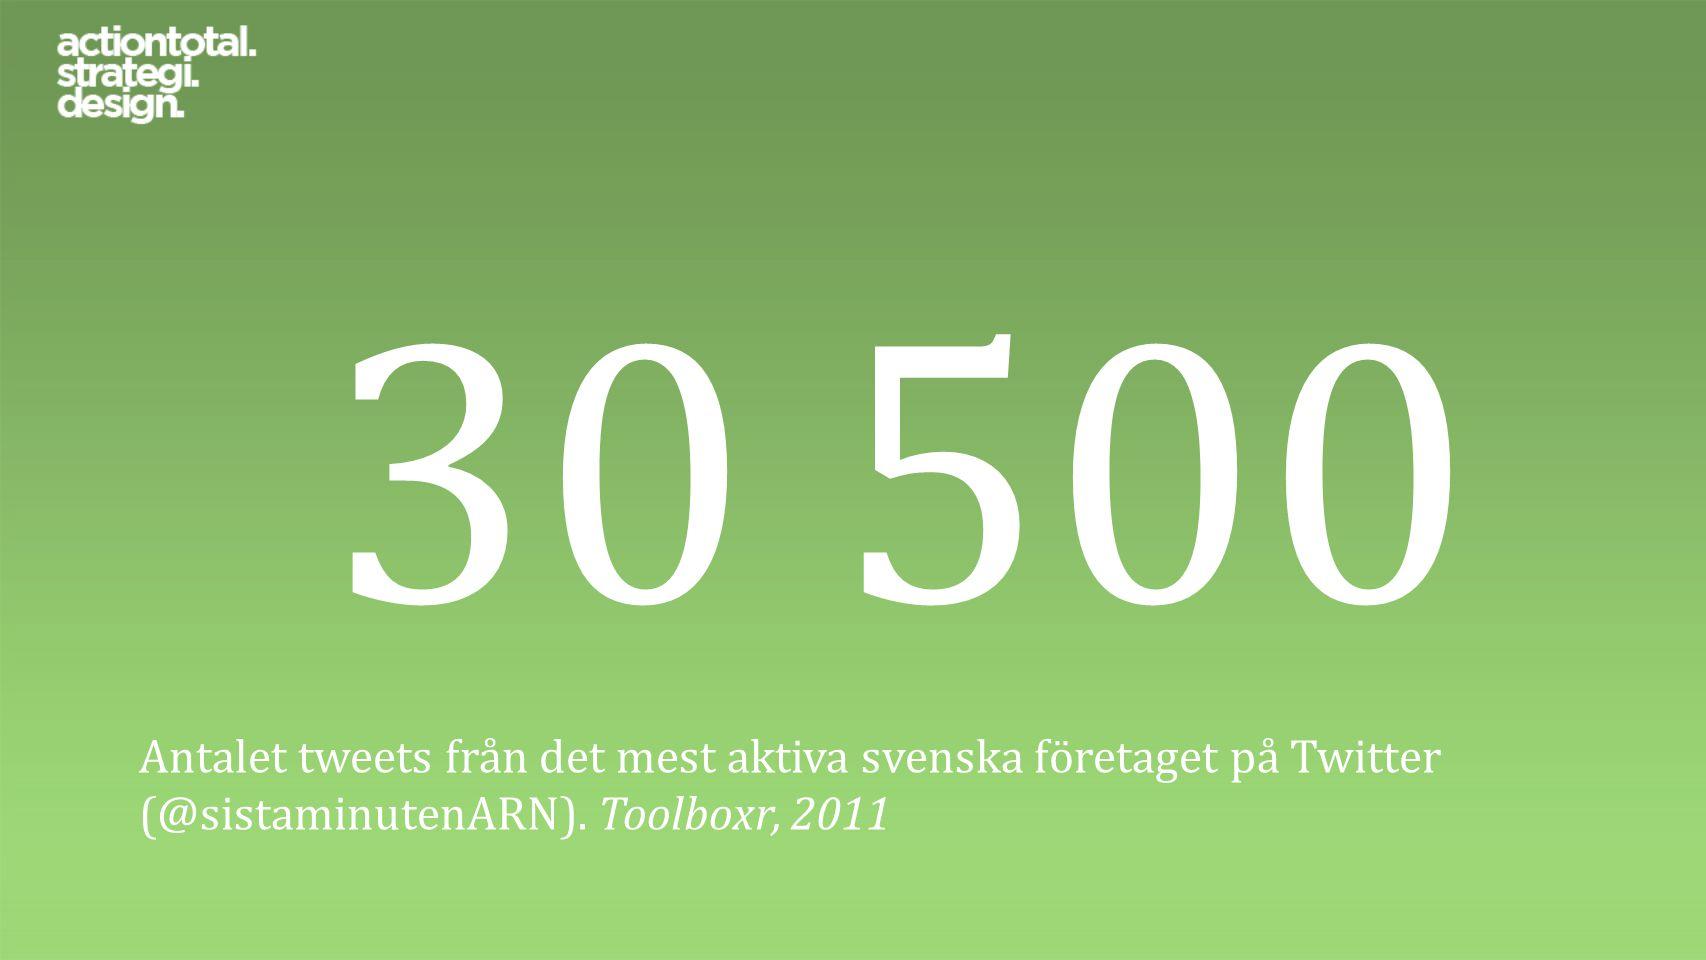 30 500 Antalet tweets från det mest aktiva svenska företaget på Twitter (@sistaminutenARN). Toolboxr, 2011